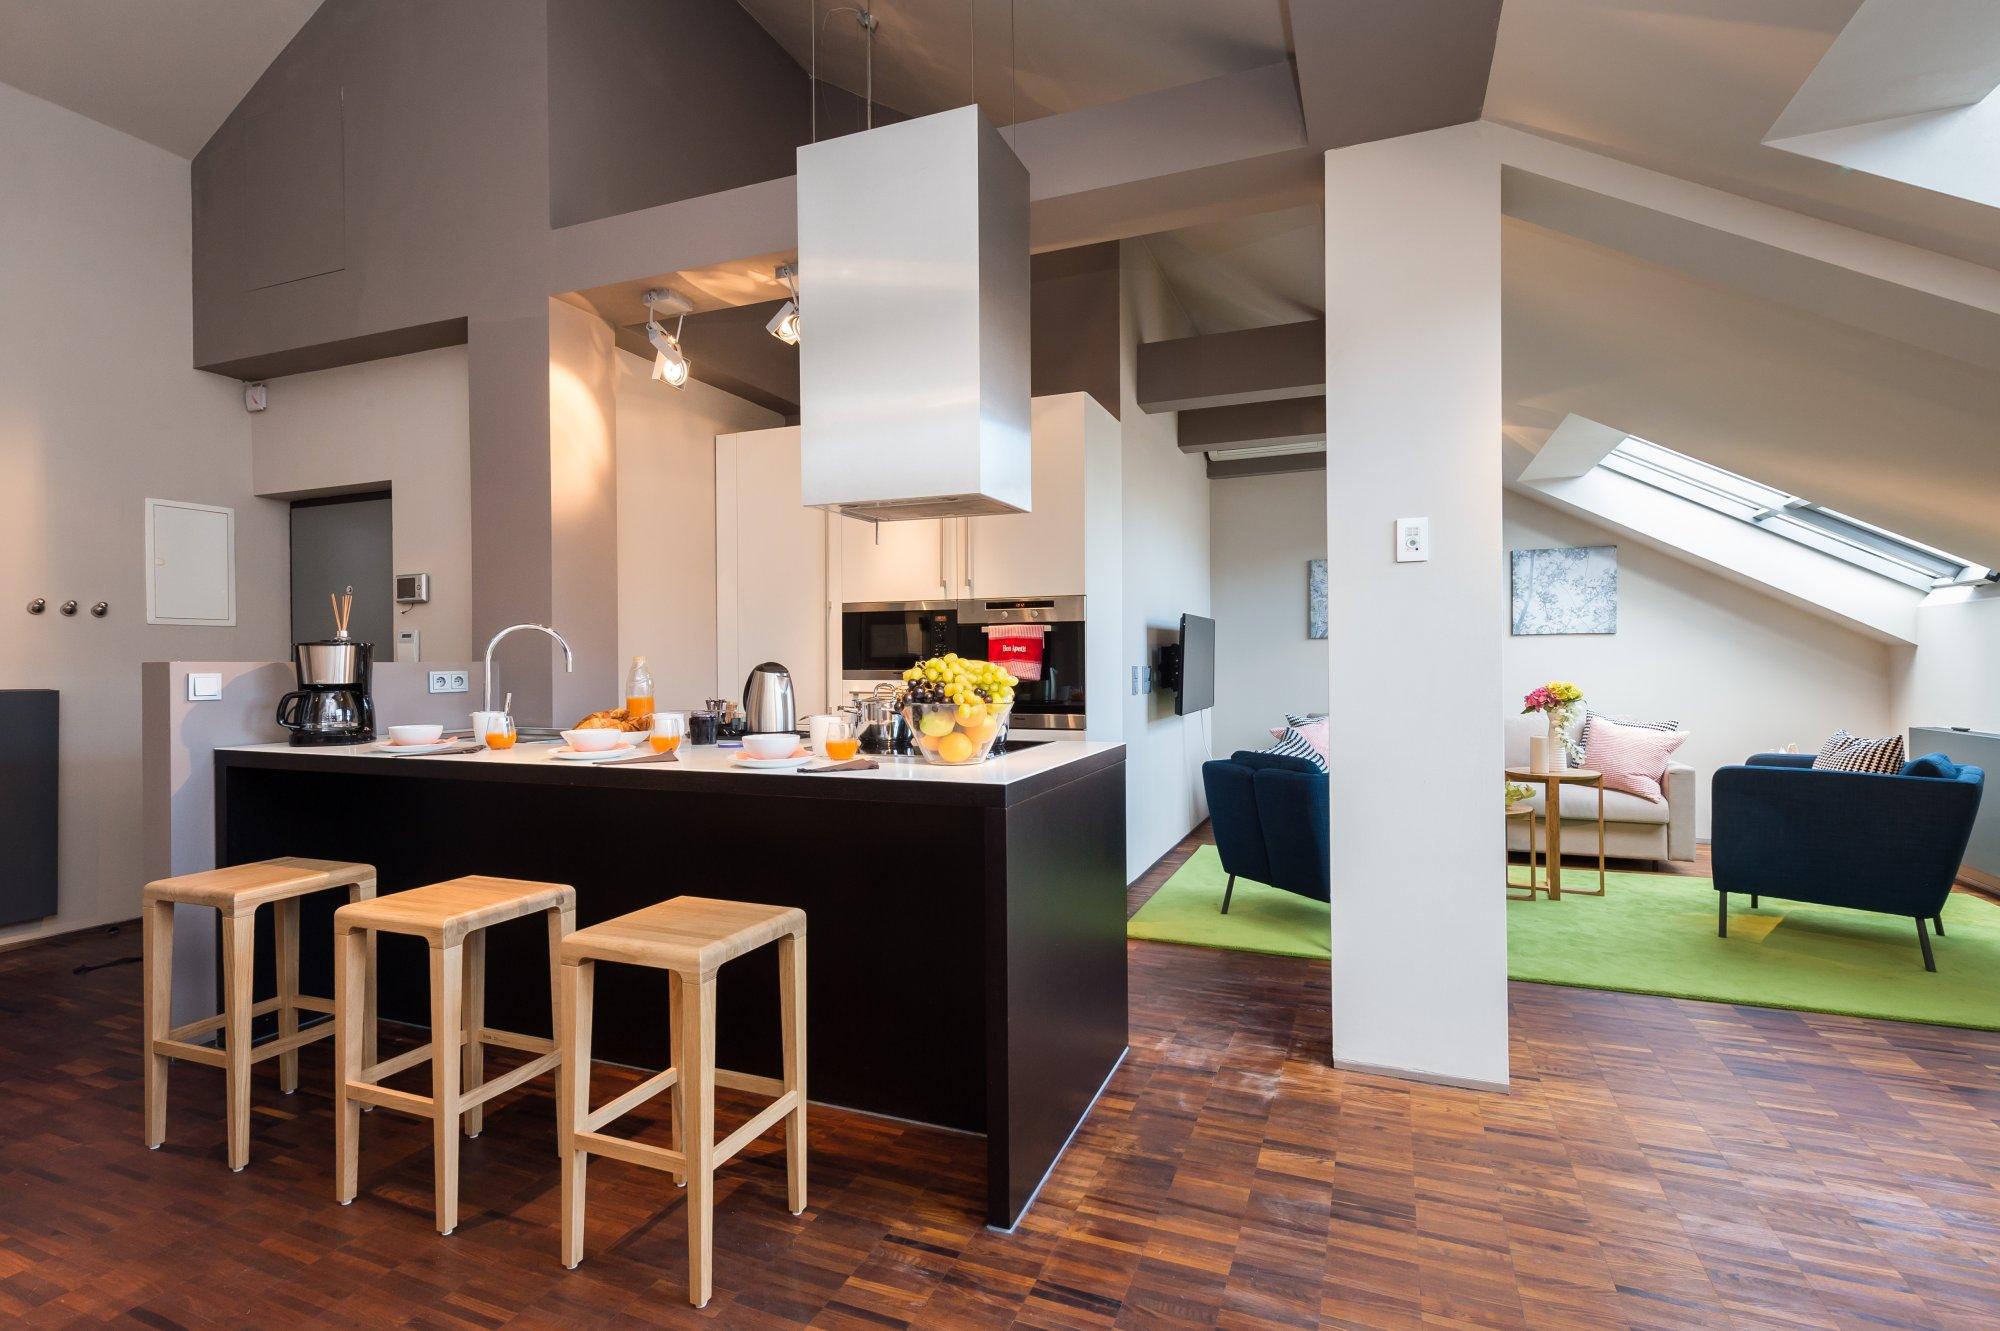 Půdní byt 2+kk, plocha 113 m², ulice Soukenická, Praha 1 - Nové Město | 3